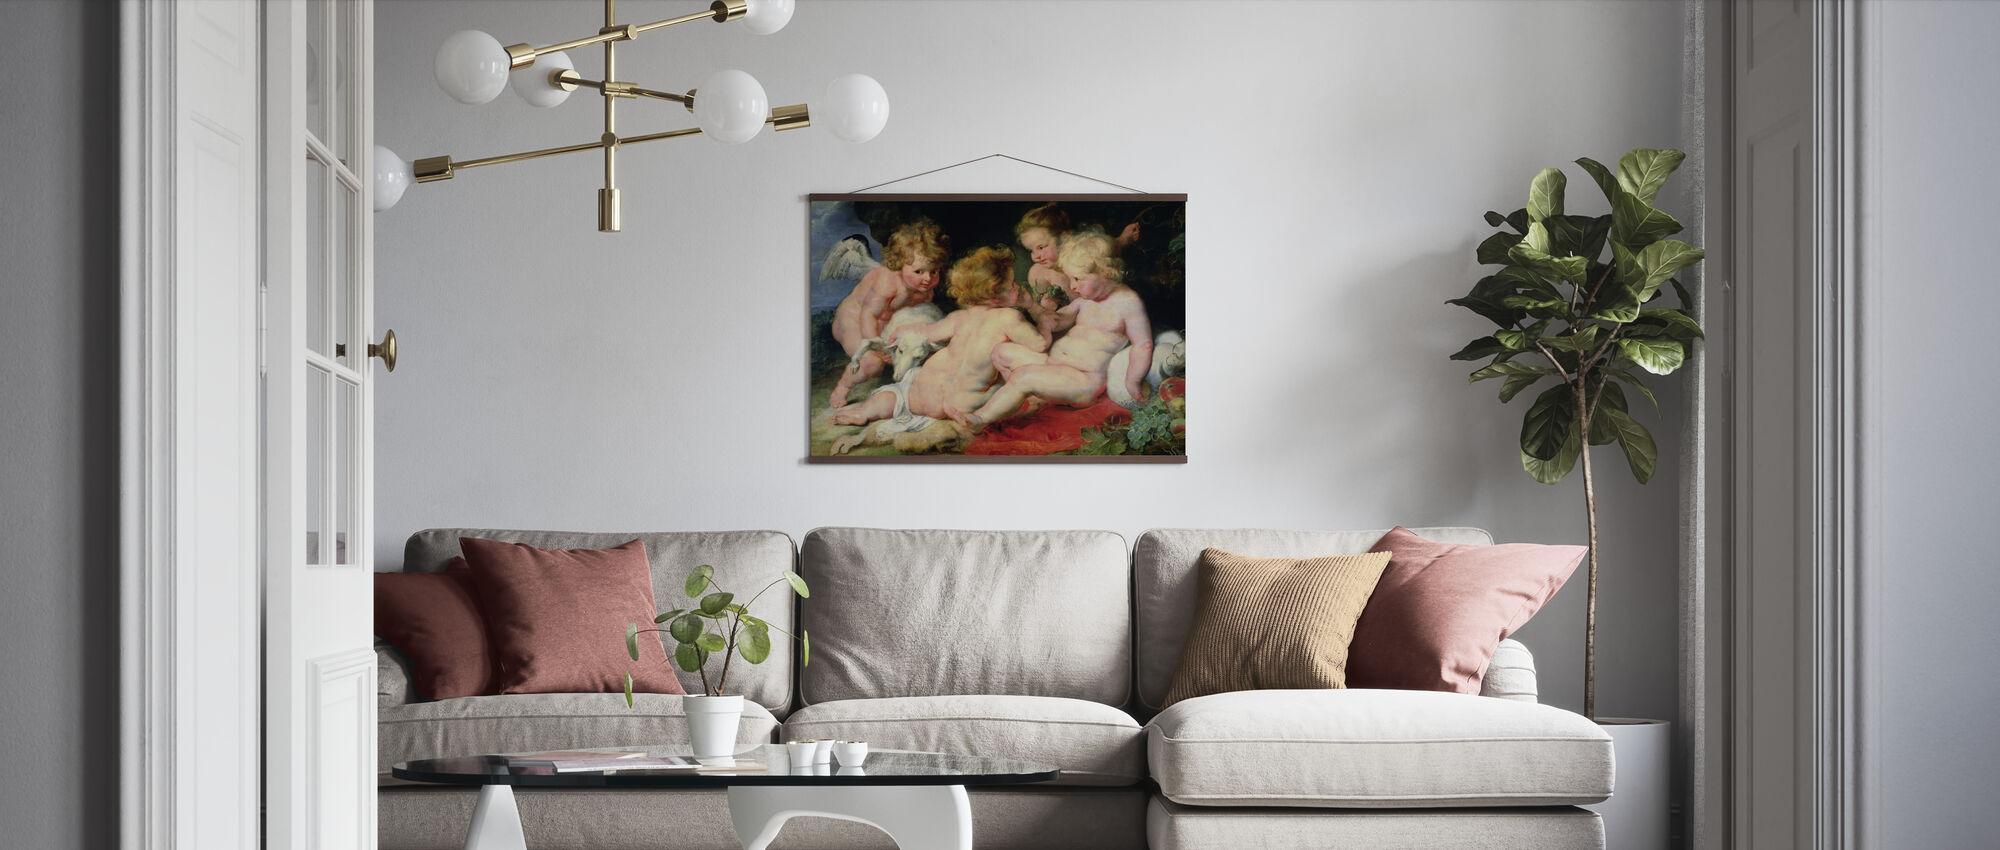 Infant Christ with John the Baptist, Peter Paul Rubens - Poster - Living Room